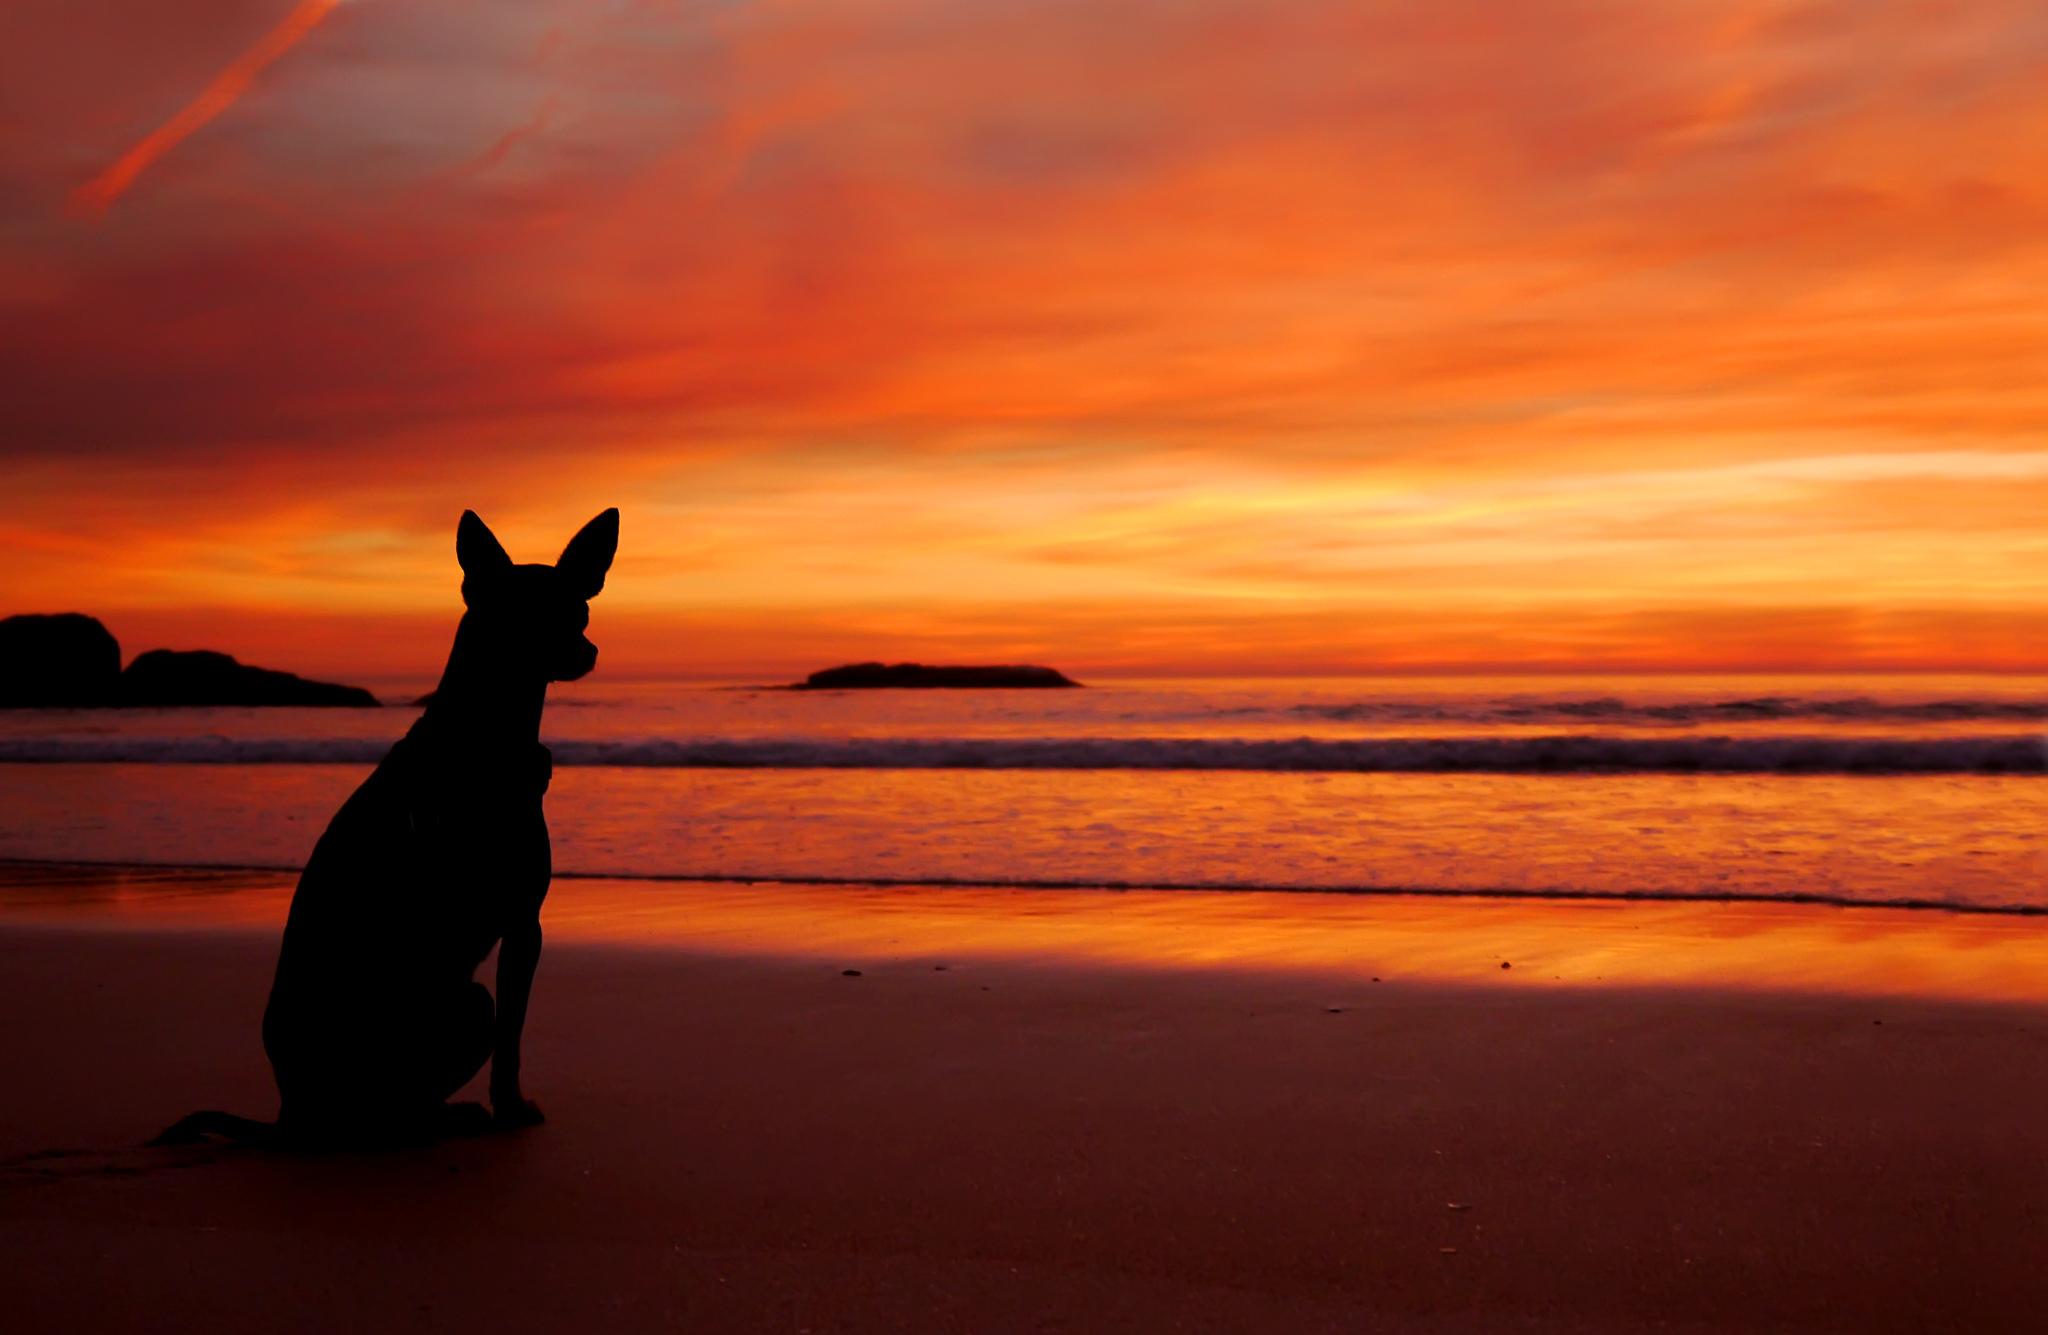 dog silhouette wallpaper - wallpapersafari